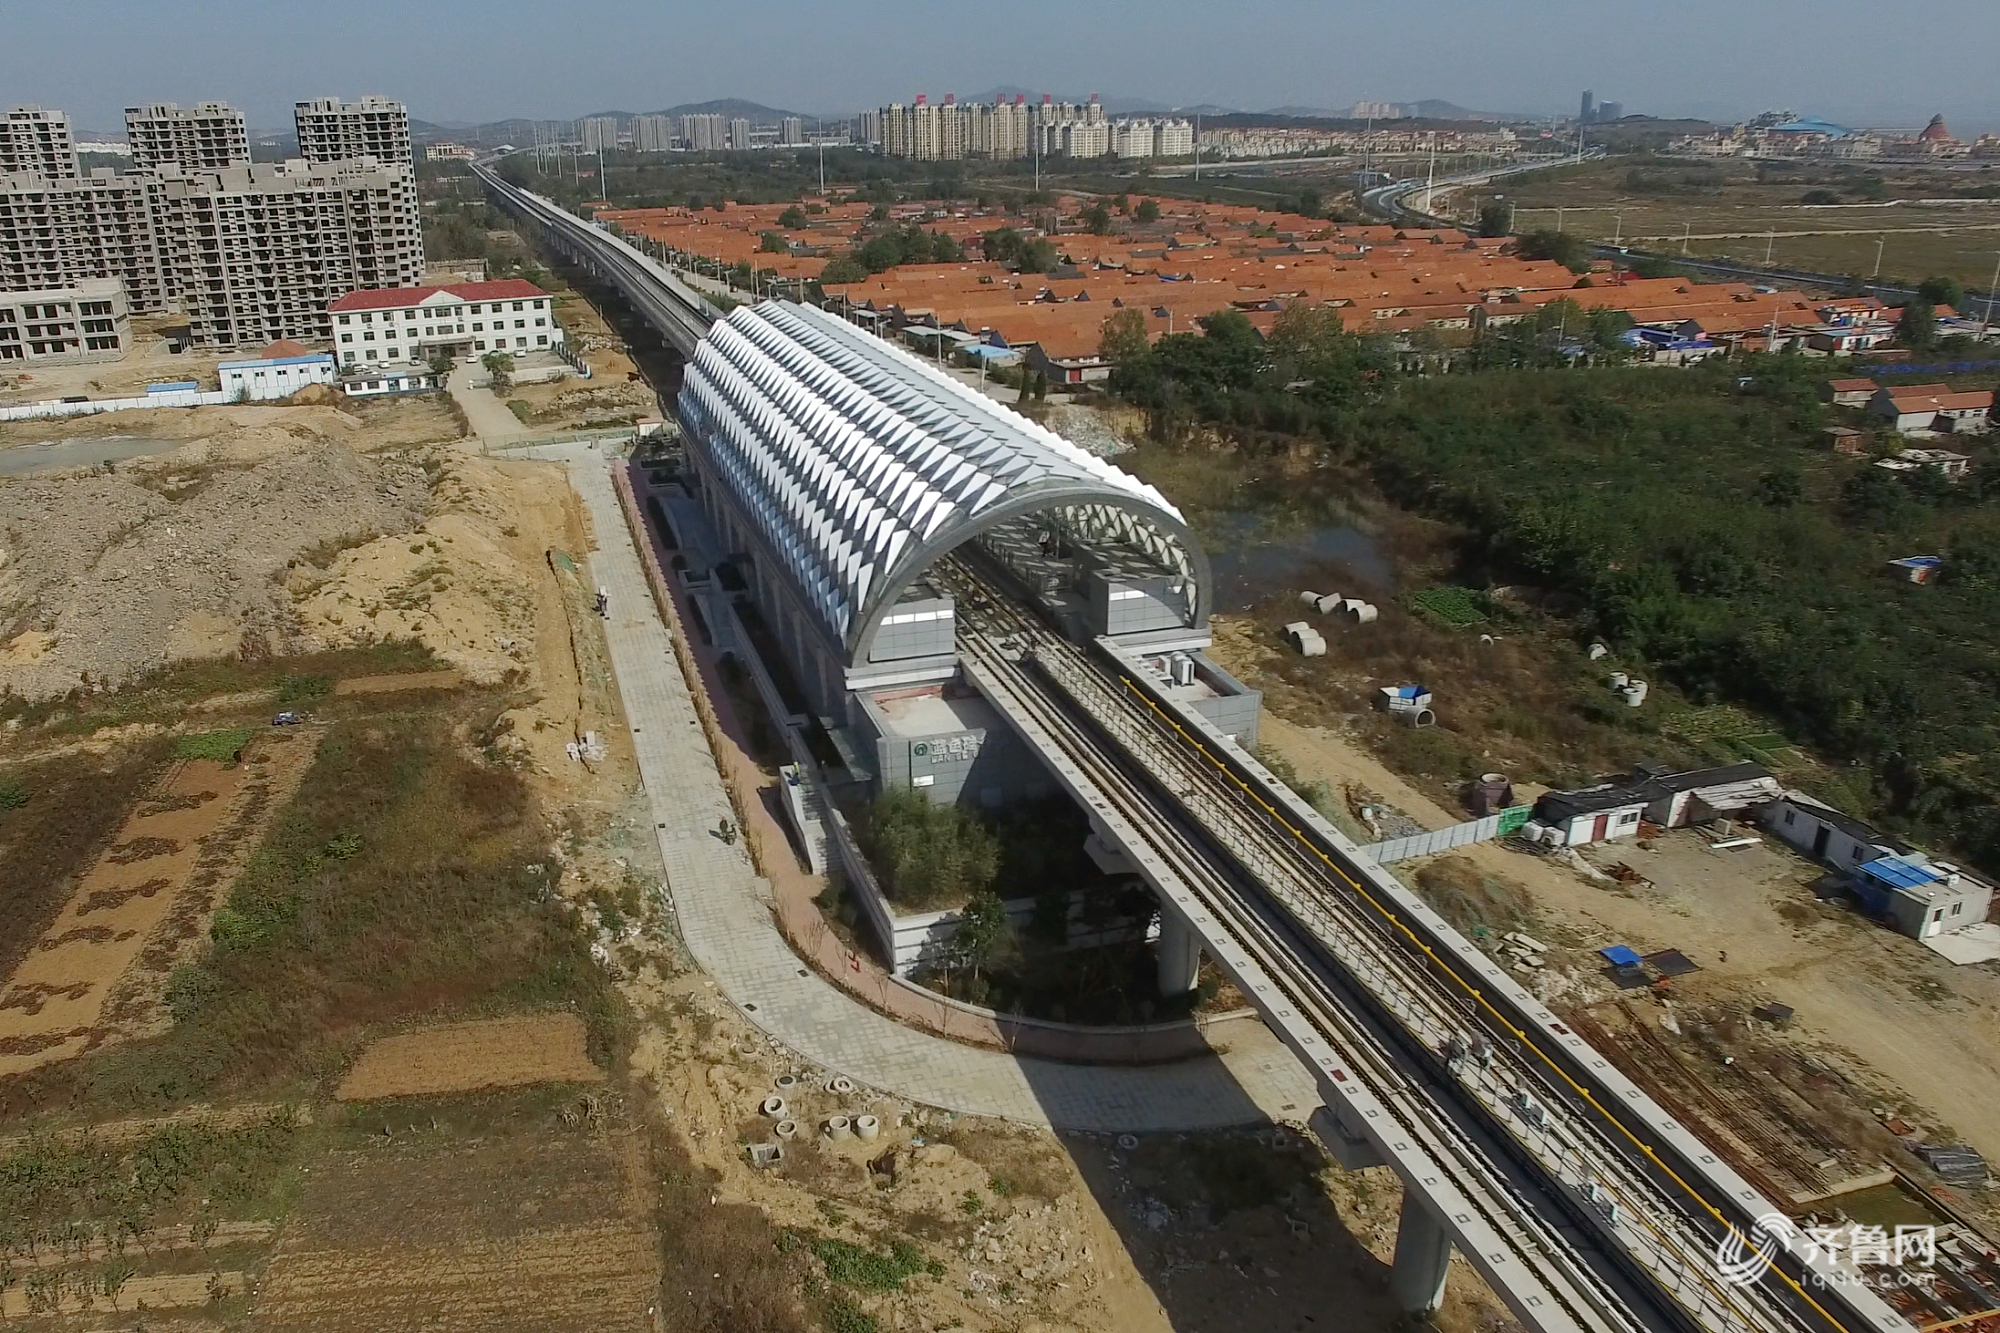 青岛地铁11号线工程于2013年6月1日开工建设,截至到2017年12月底,全线土建、轨道、装修、机电工程基本完工,于8月16日、9月20日、10月15日相继提前实现了桥(洞)通、轨通、电通等里程碑节点。特别是2017年,建设单位面对年初5个区间36处墩位征迁未完成的不利局面,克服全线区间断点多、专业交叉多、安全风险大带来的巨大困难,积极主动化解工期压力,在不到半年的时间内实现了由土建施工至空载试运行的飞速跨越,建设速度居行业领先水平。